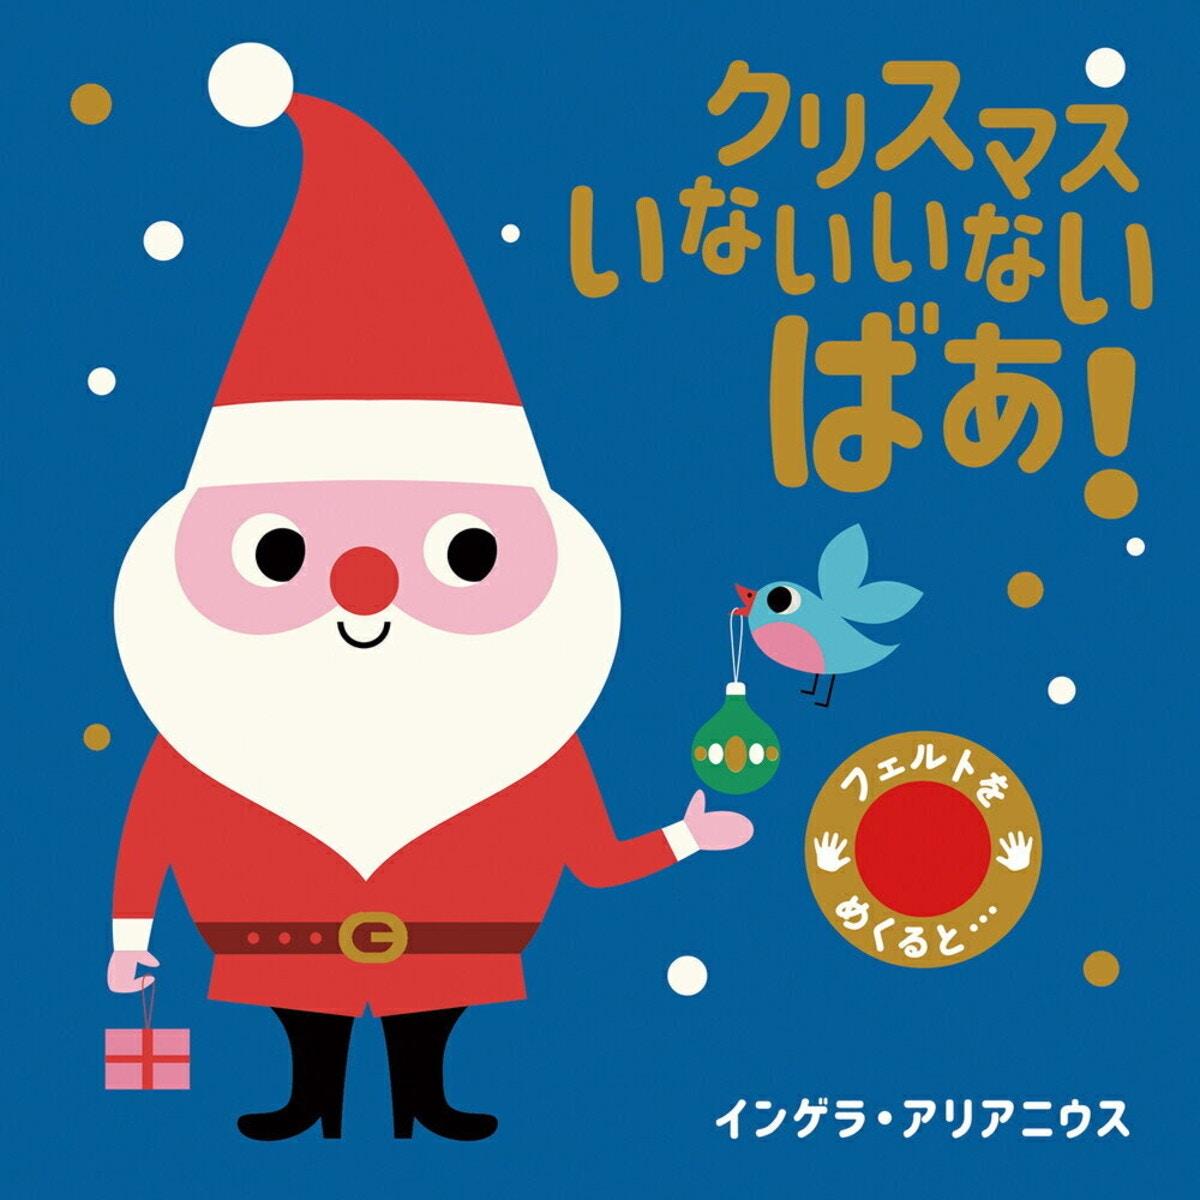 クリスマス いないいないばあ!